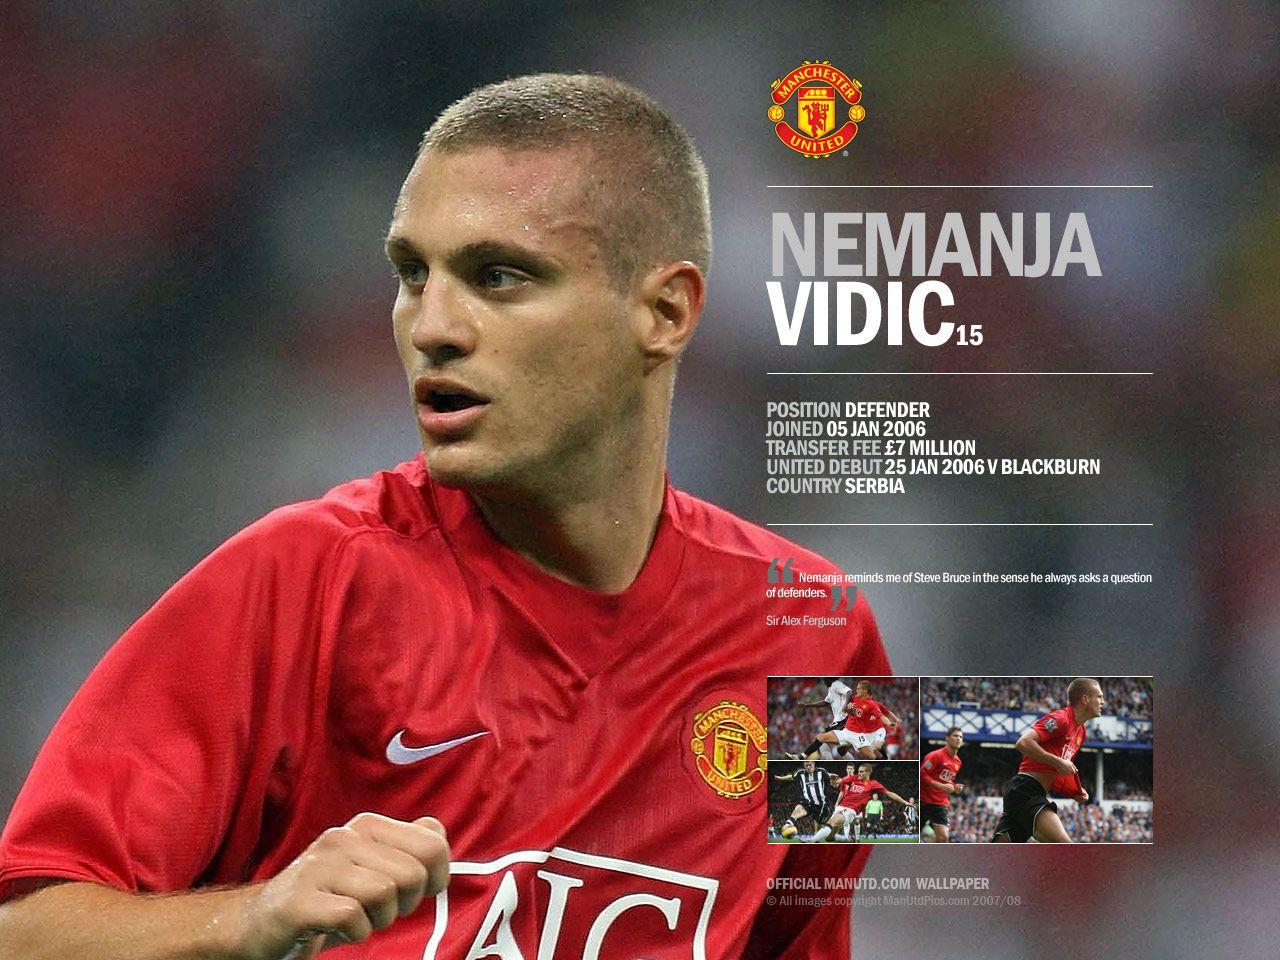 f soccer: Nemanja Vidic